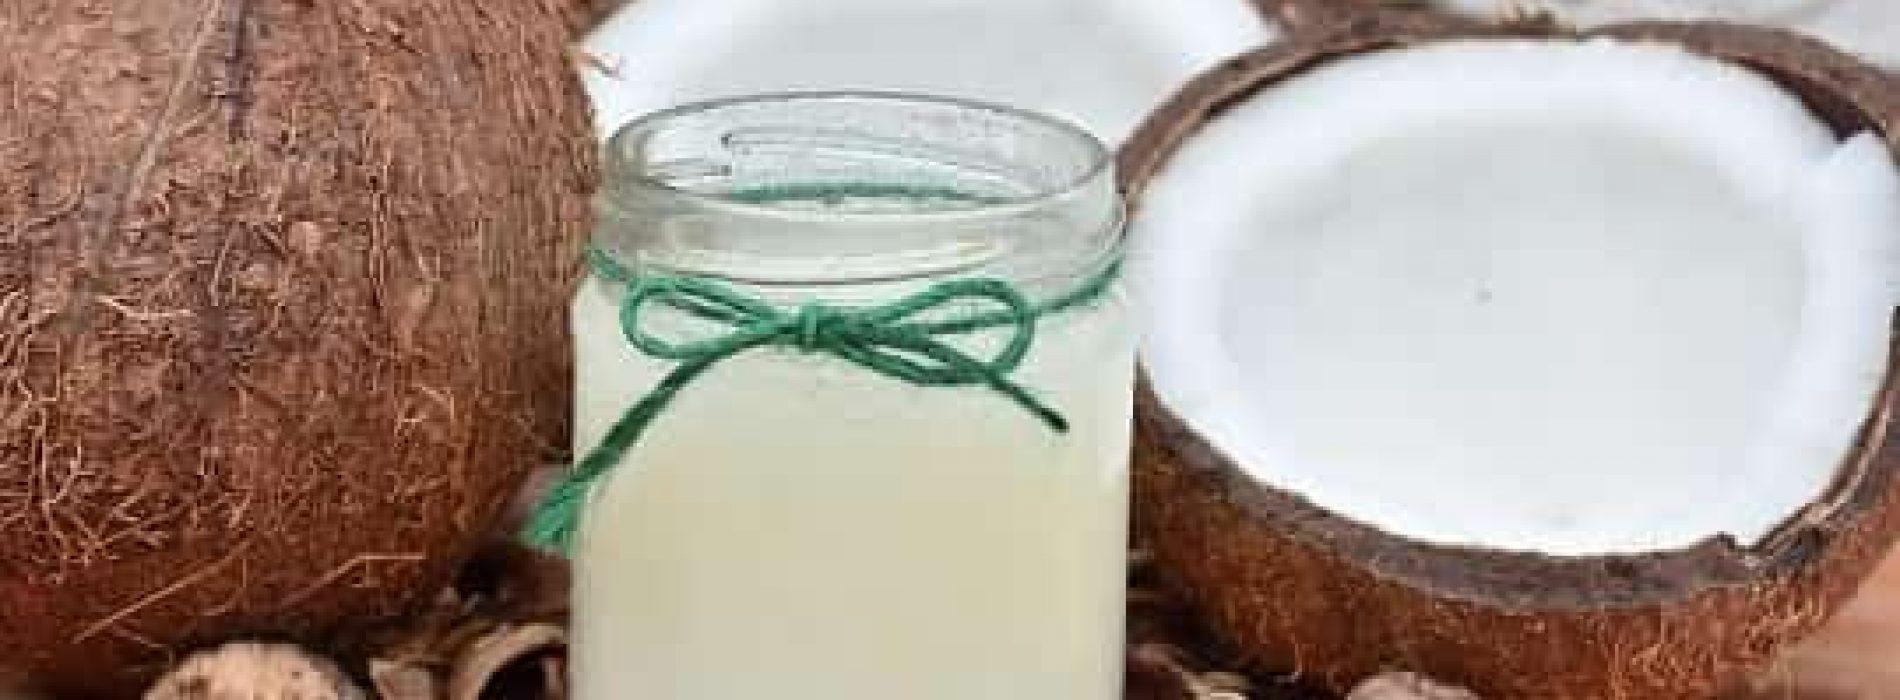 Kokosolje, hvor sunt er det og hva kan du bruke det til?